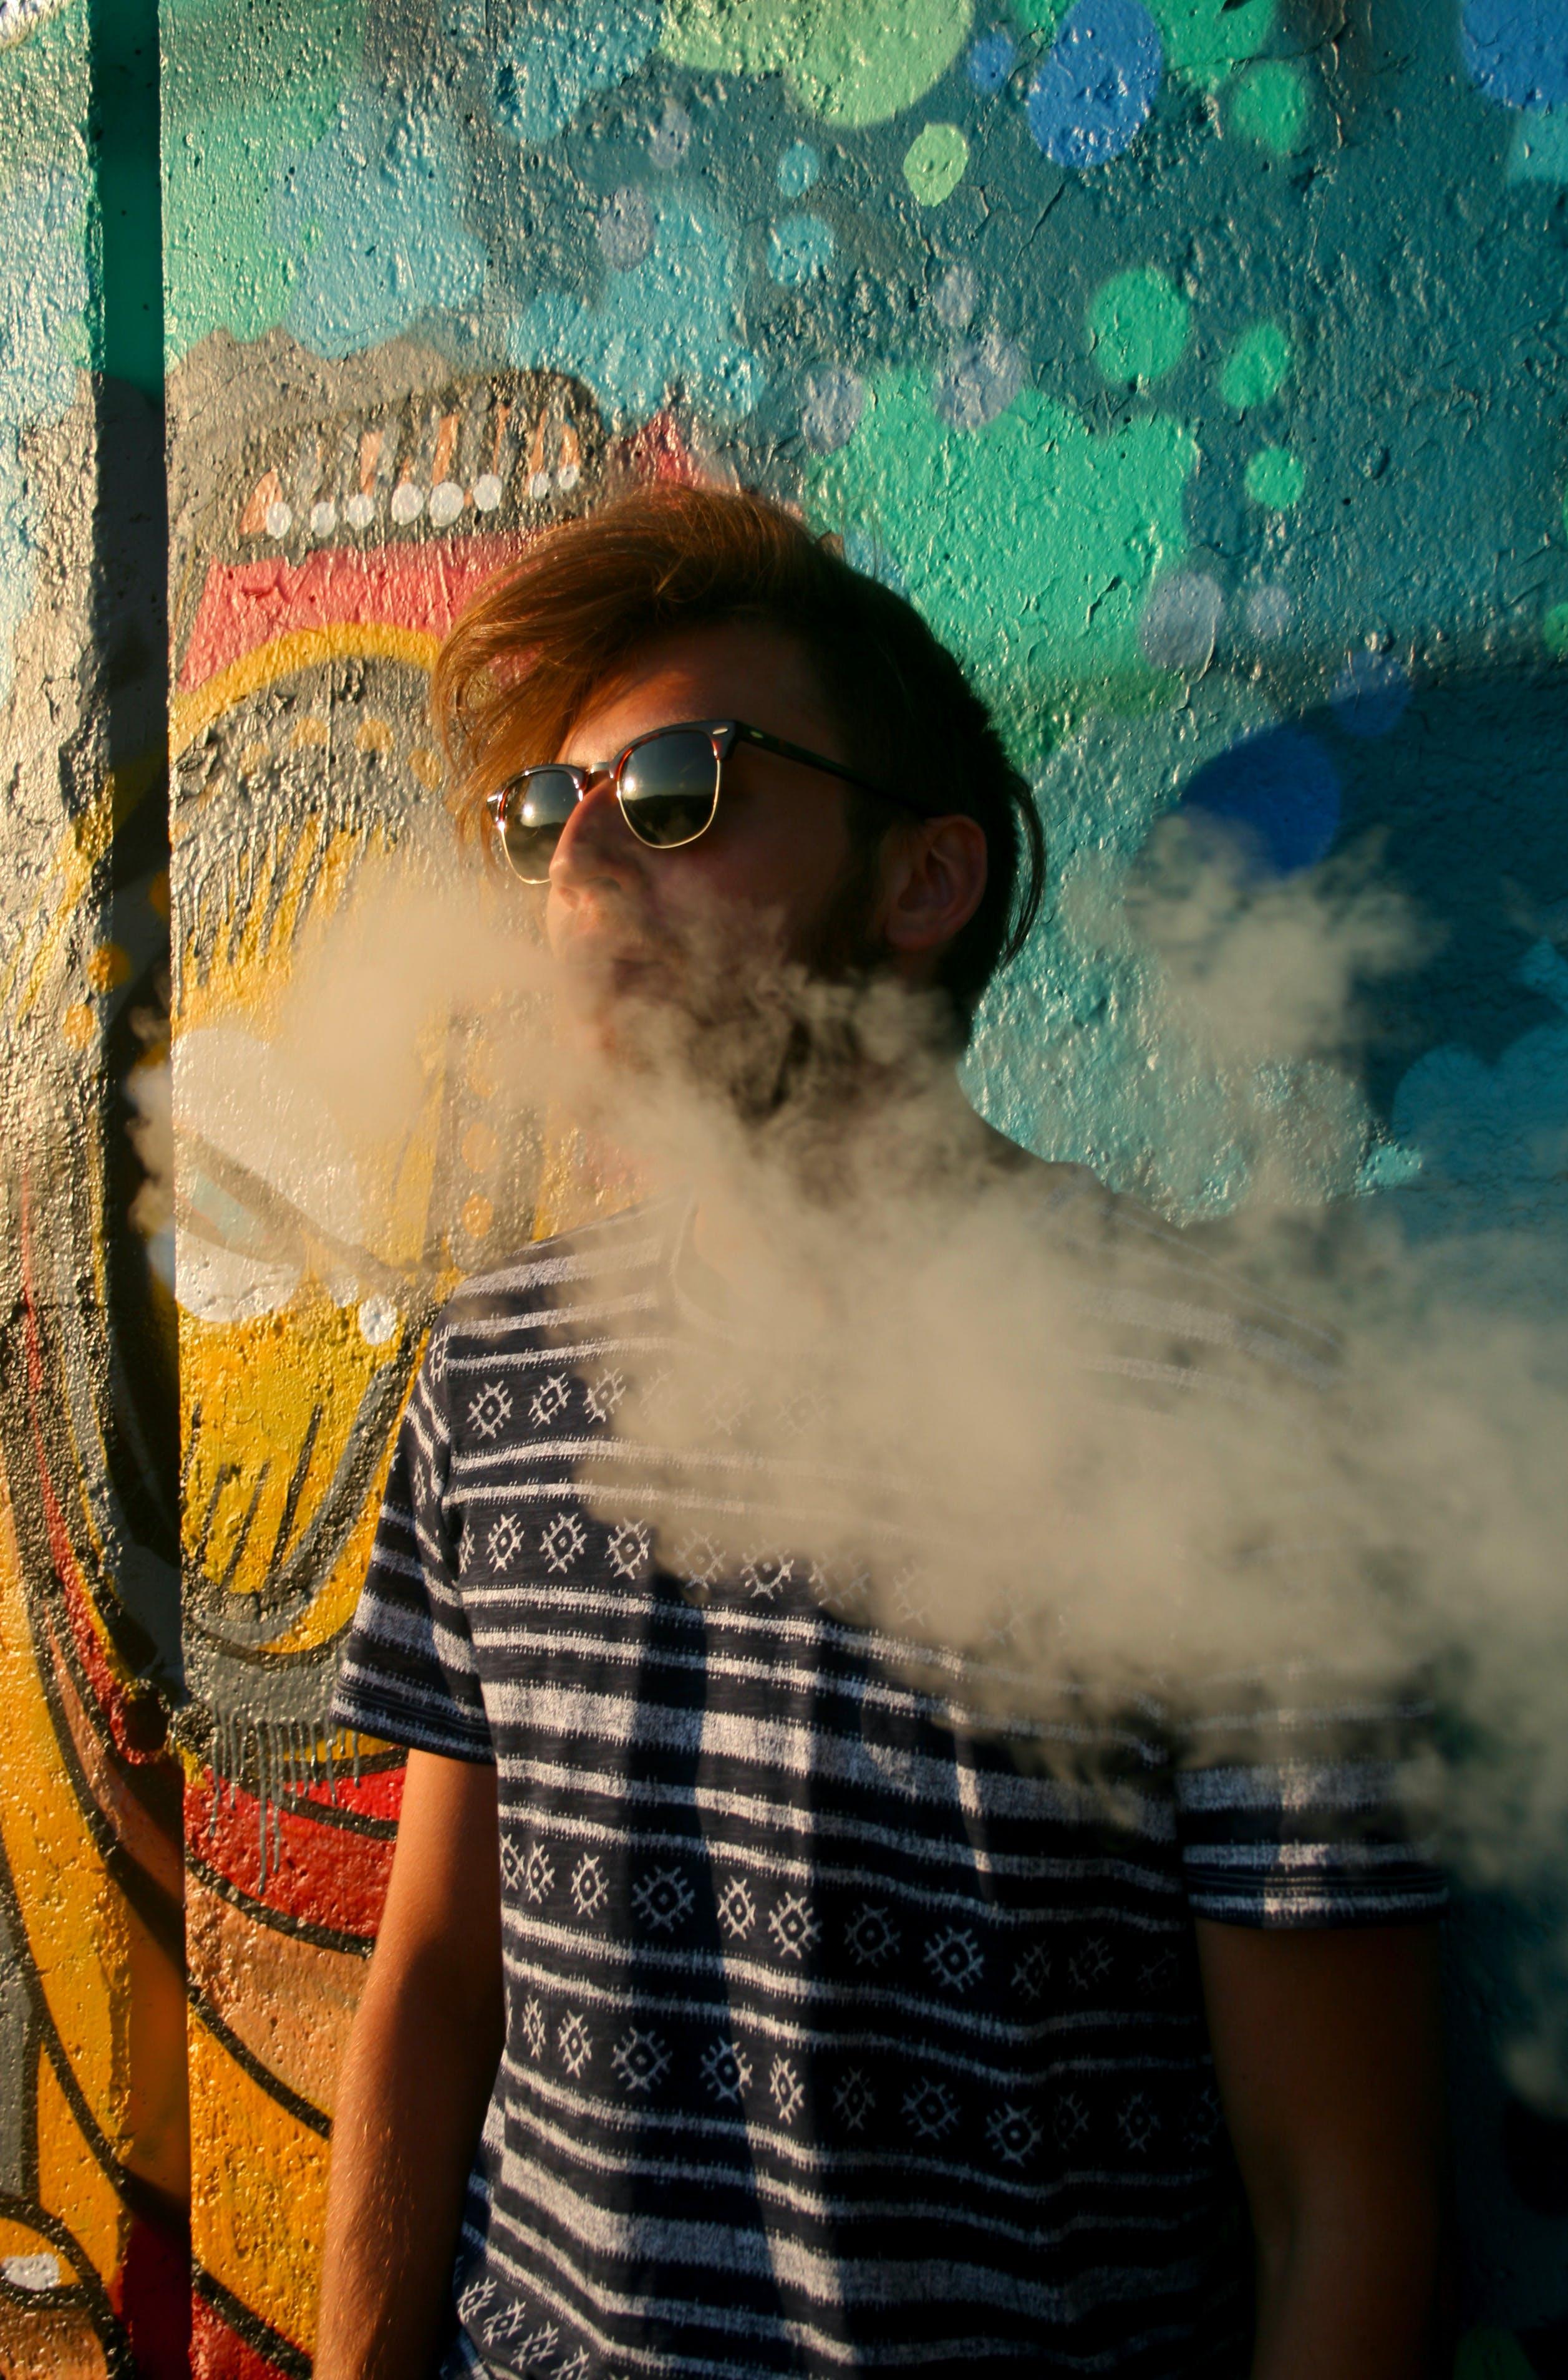 Free stock photo of graffiti, guy, man, smoke